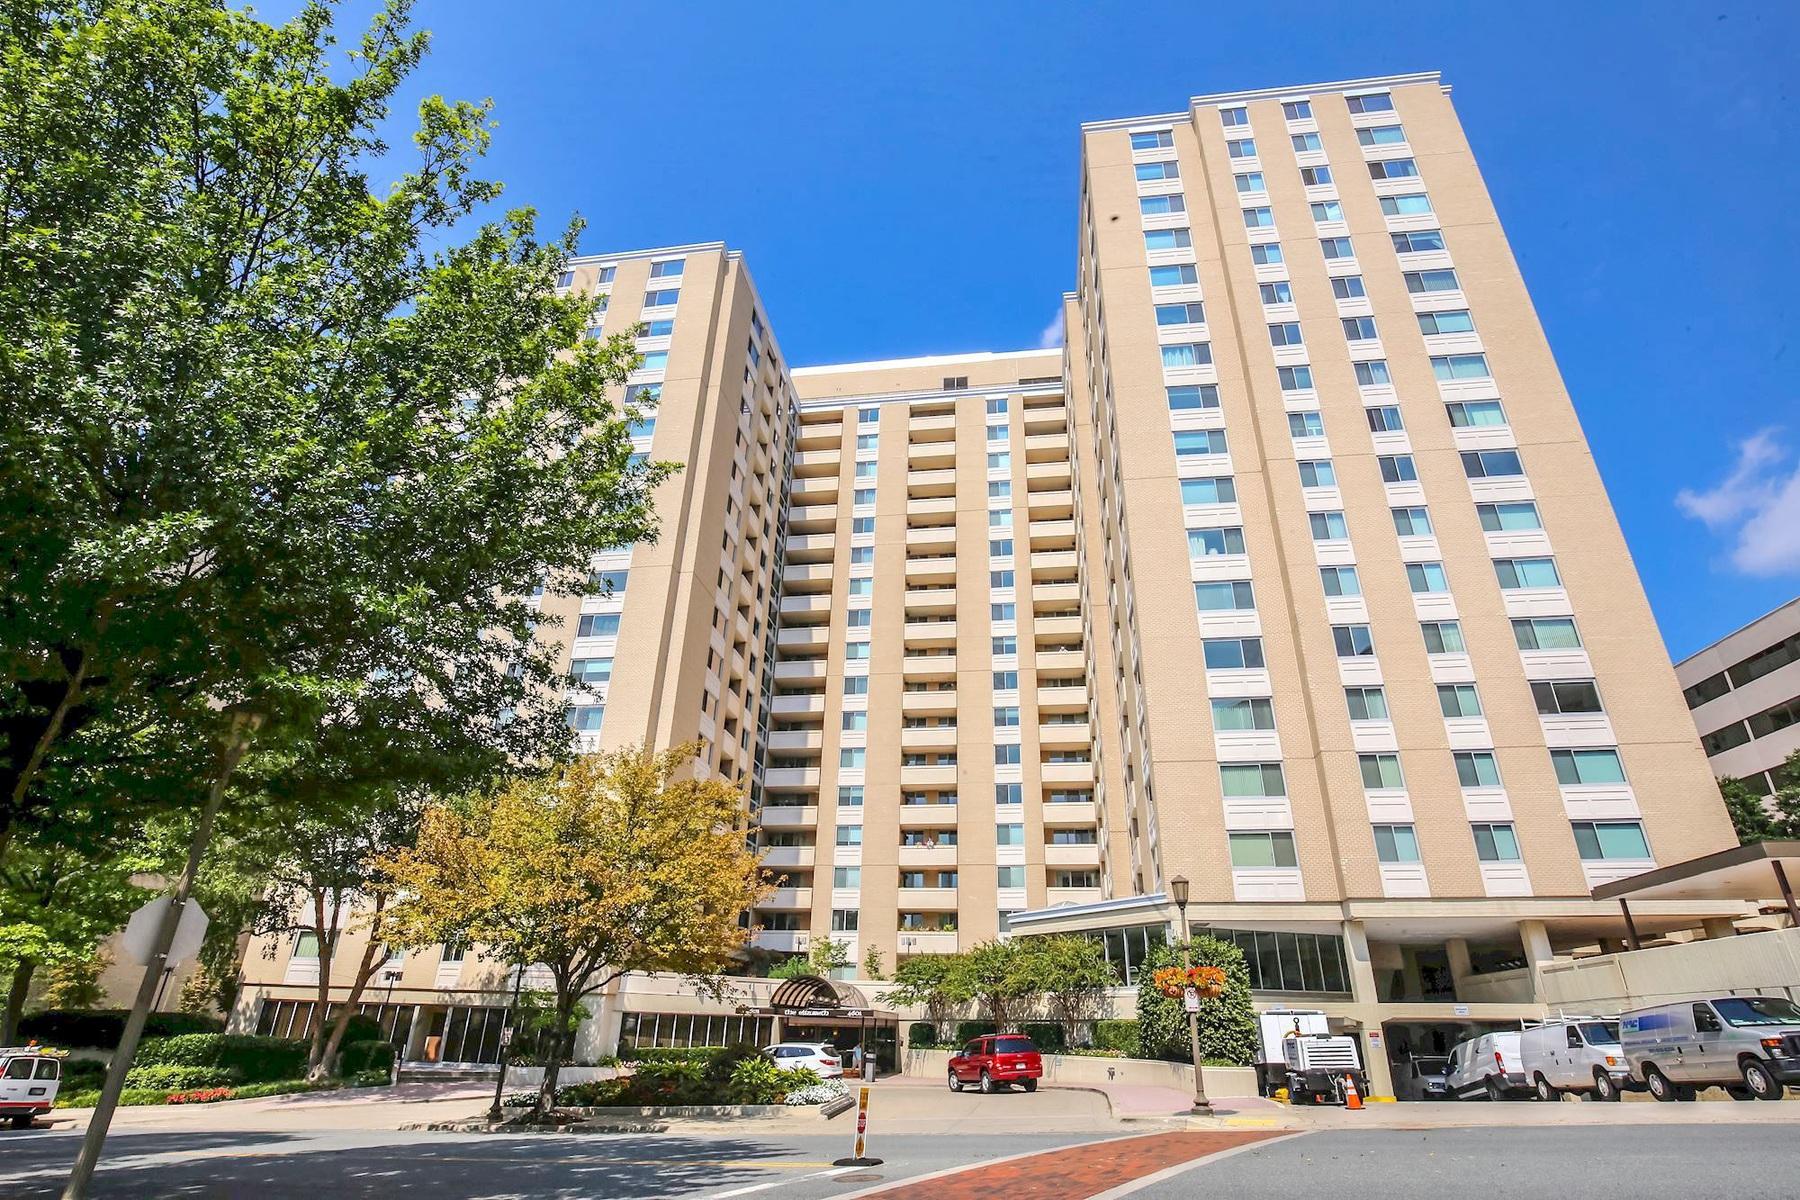 Einfamilienhaus für Verkauf beim 4601 Park Avenue 421-W, Chevy Chase 4601 Park Ave 421-W Chevy Chase, Maryland, 20815 Vereinigte Staaten